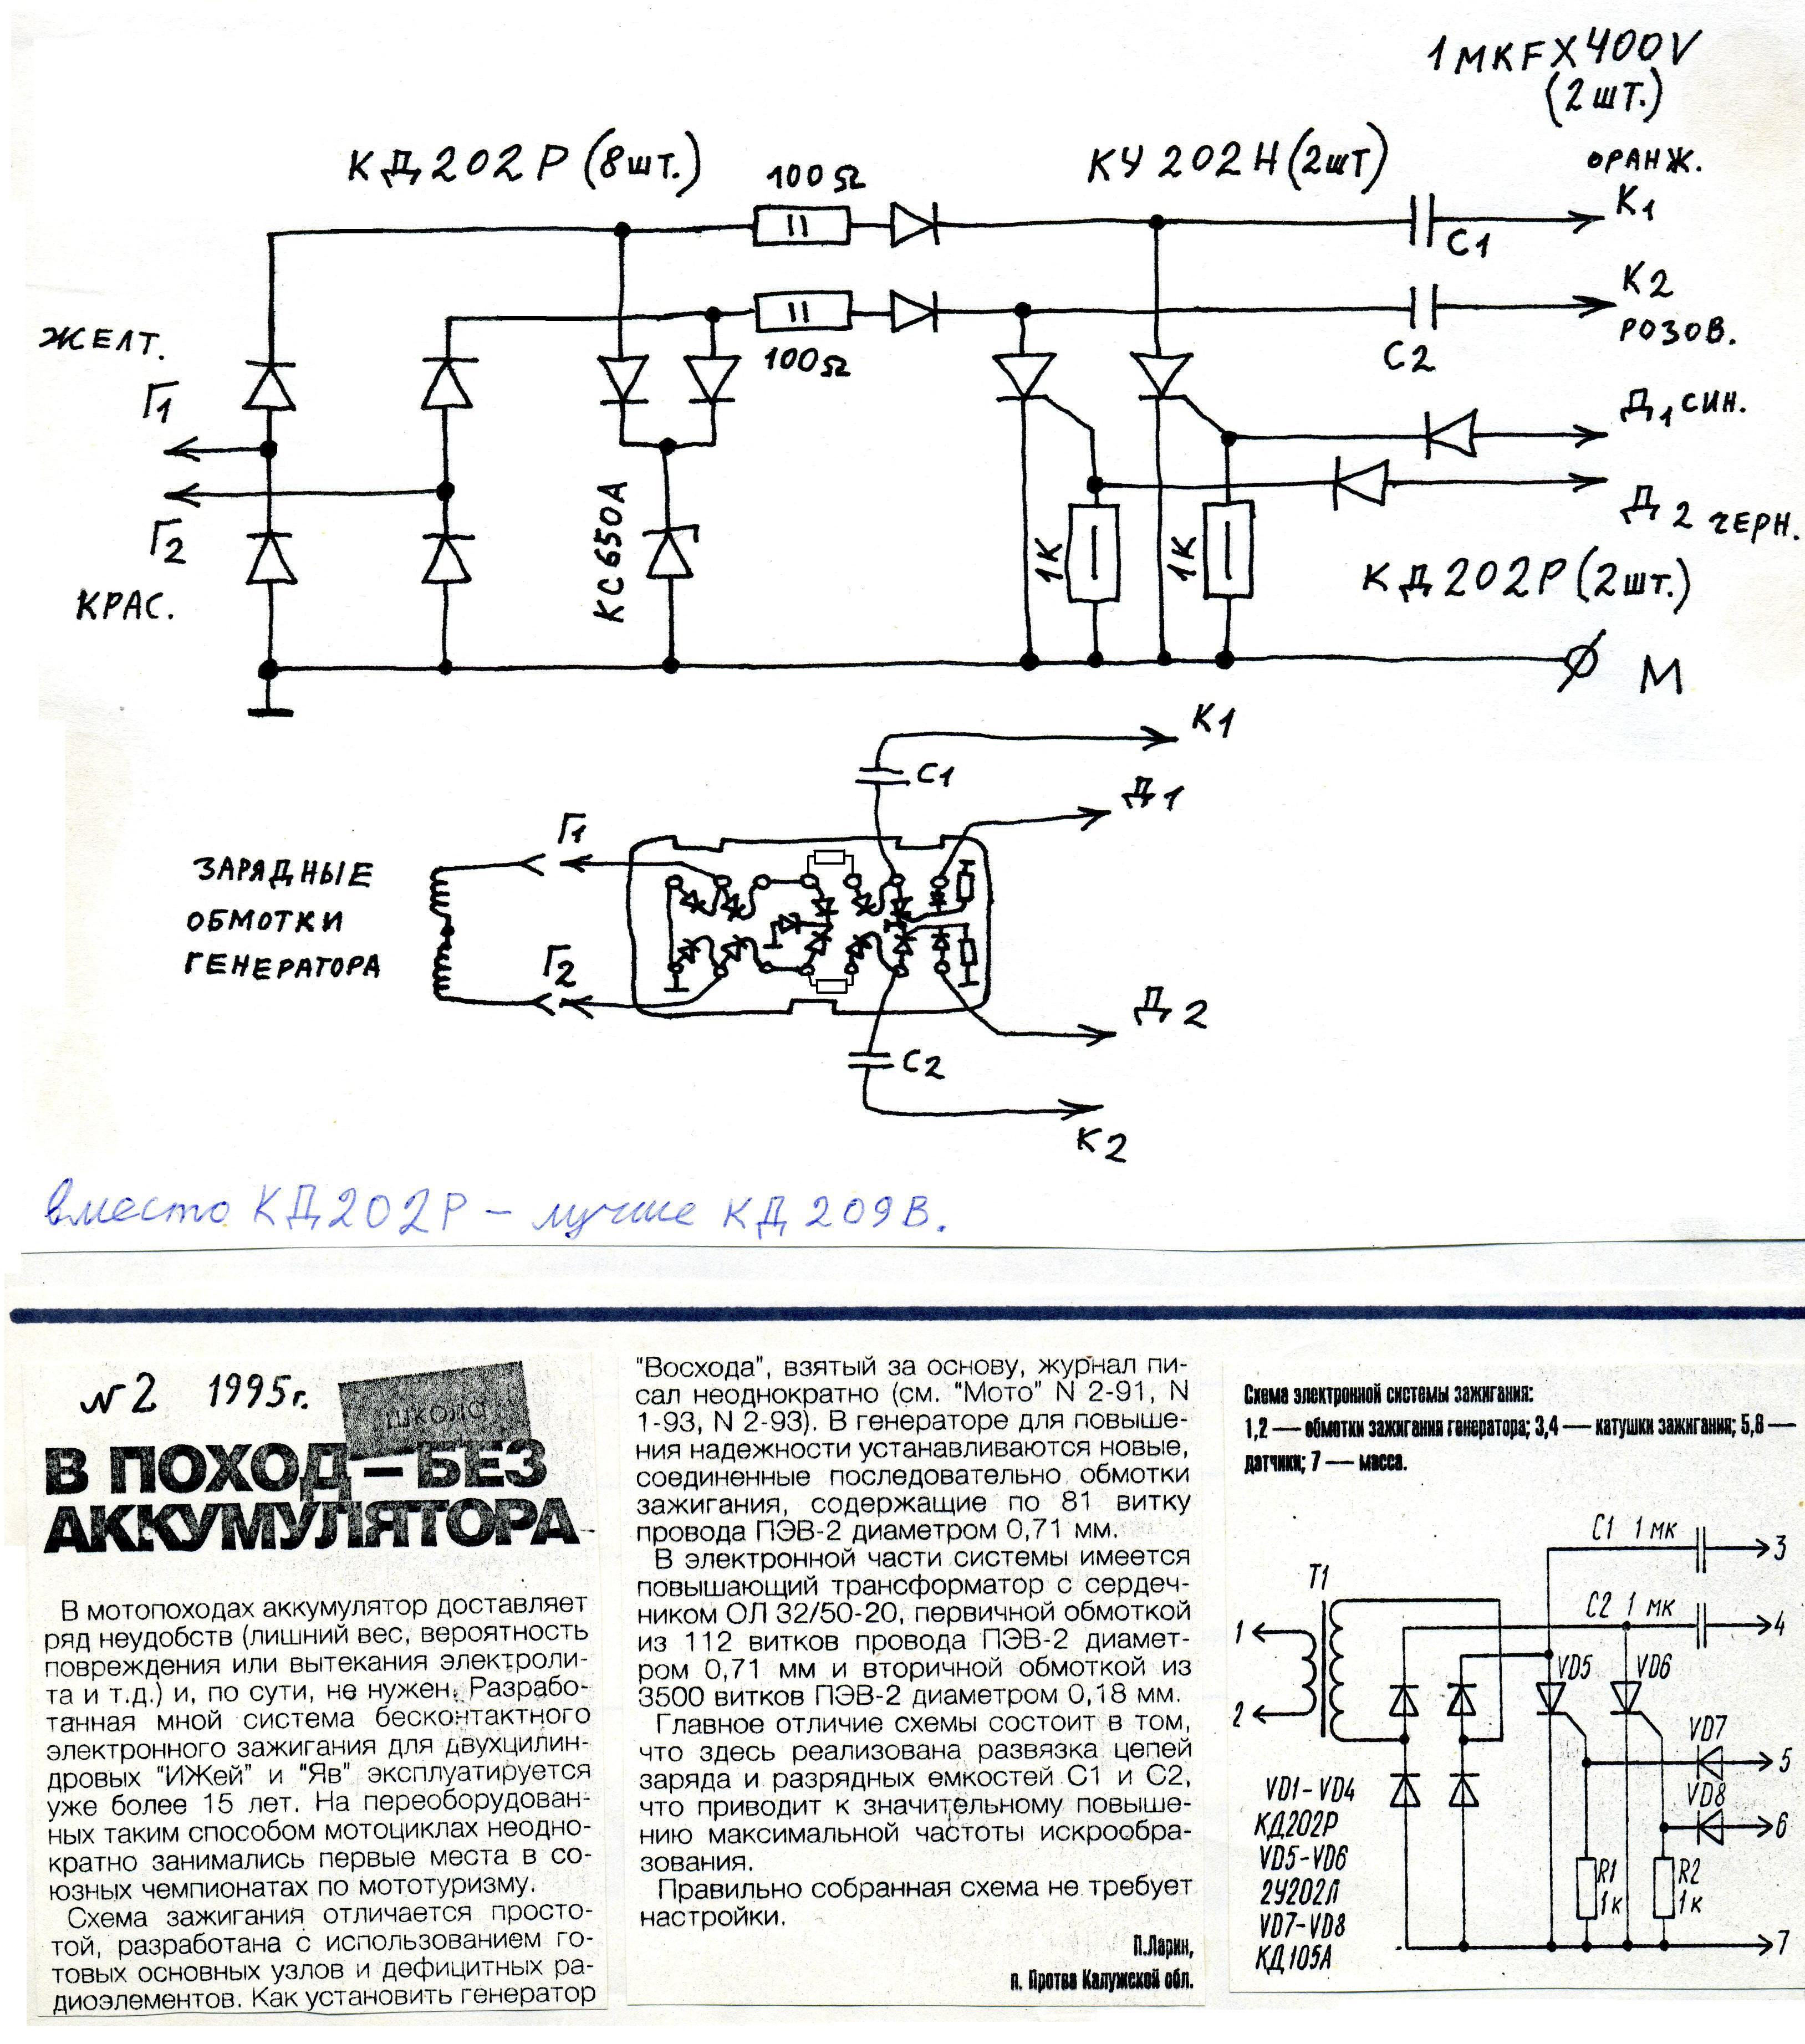 схема электробородыания восход 3м